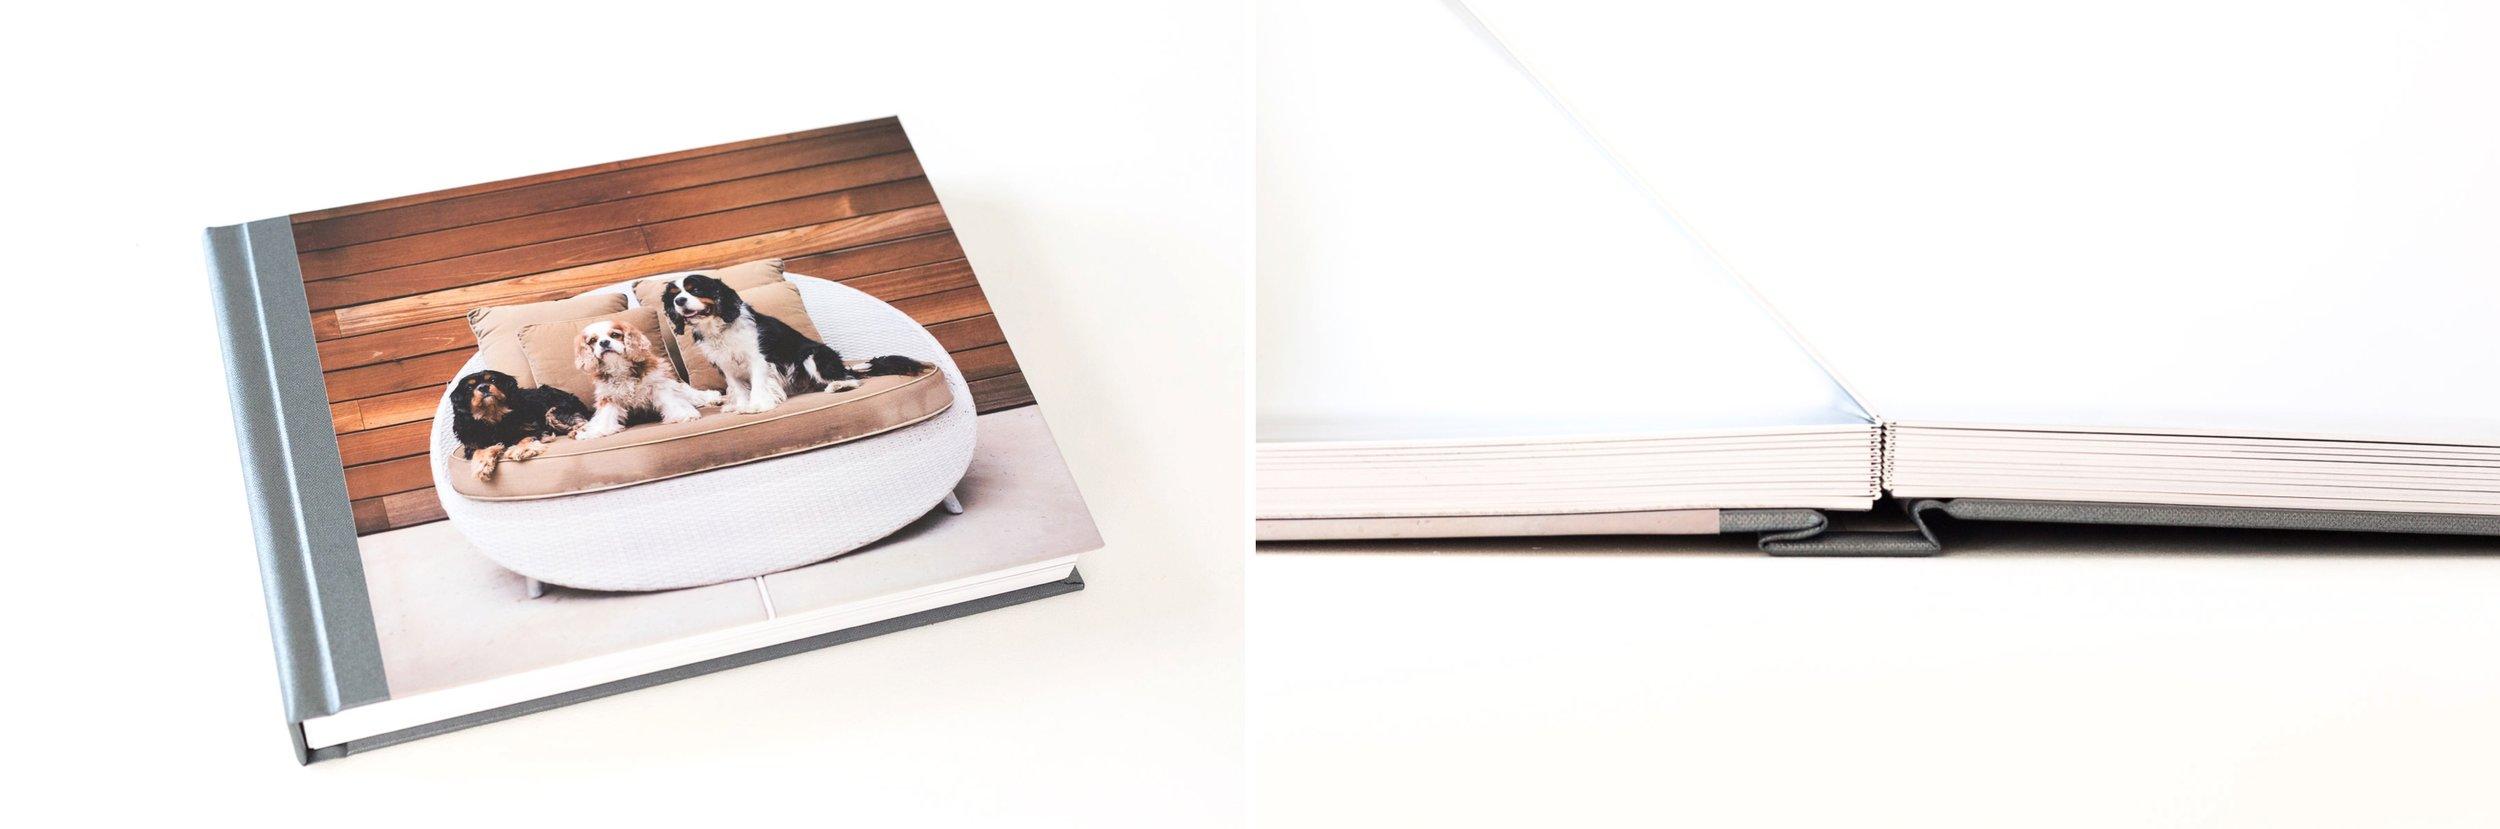 album-pet-photography-example.jpg